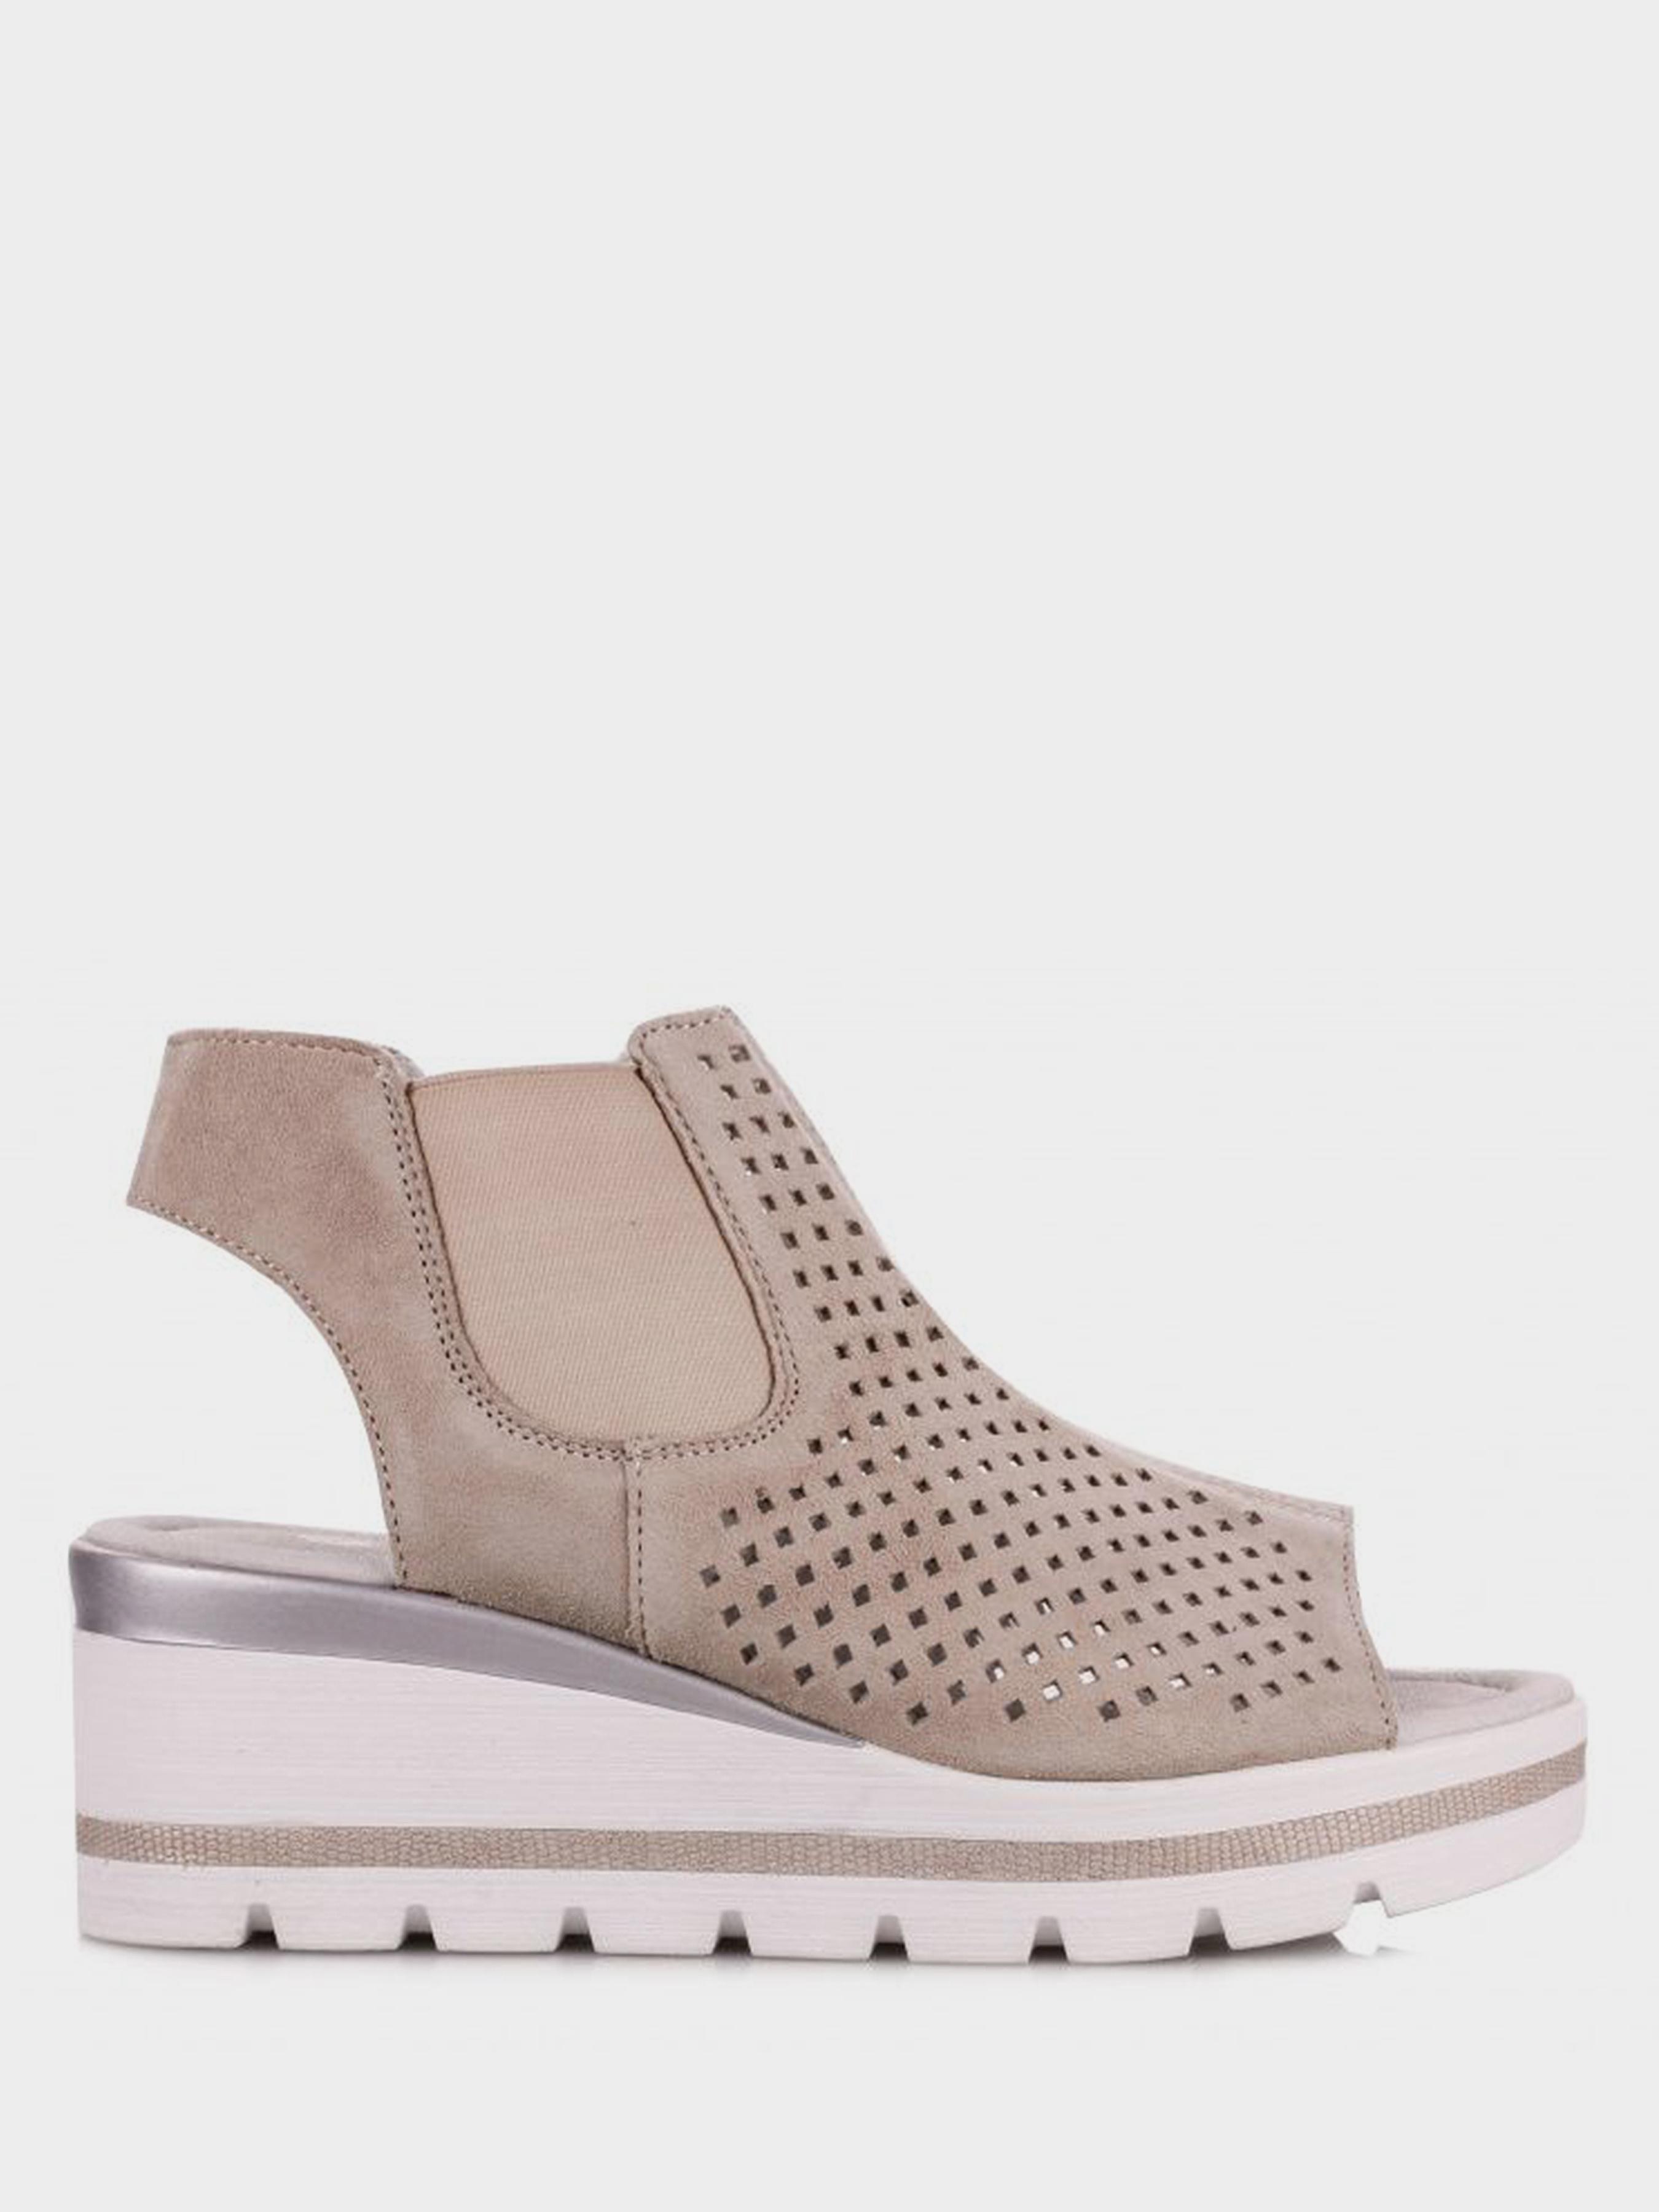 Босоножки для женщин Remonte RD29 размерная сетка обуви, 2017